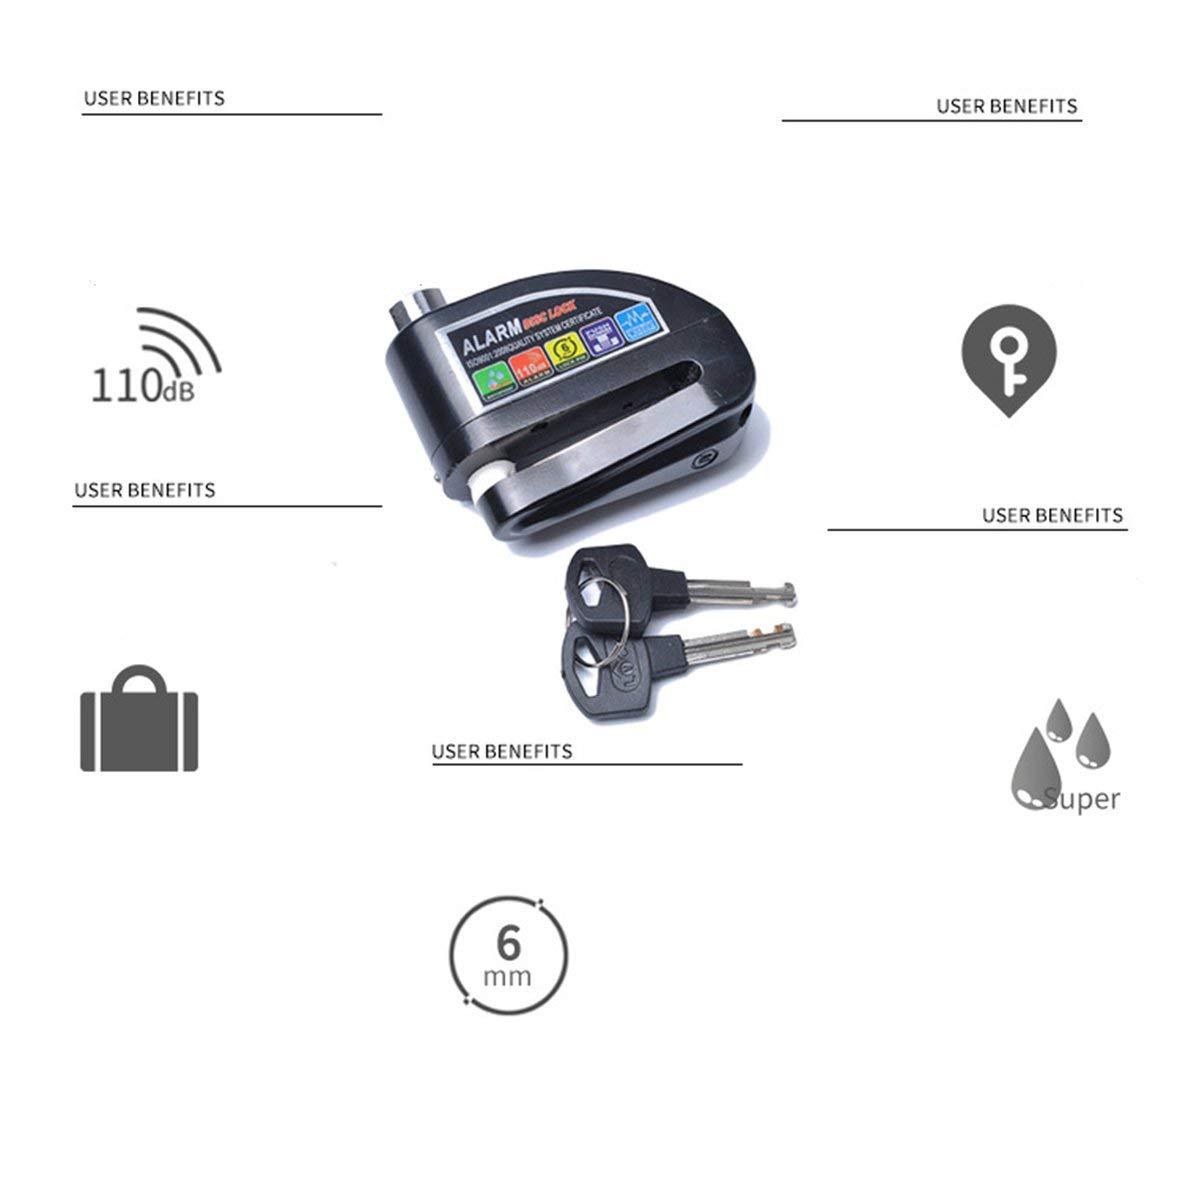 shengerm Motorcycle Alarm Lock Motorbike Anti-Theft Alarm Wheel Disc Brake Security Safety Siren Lock